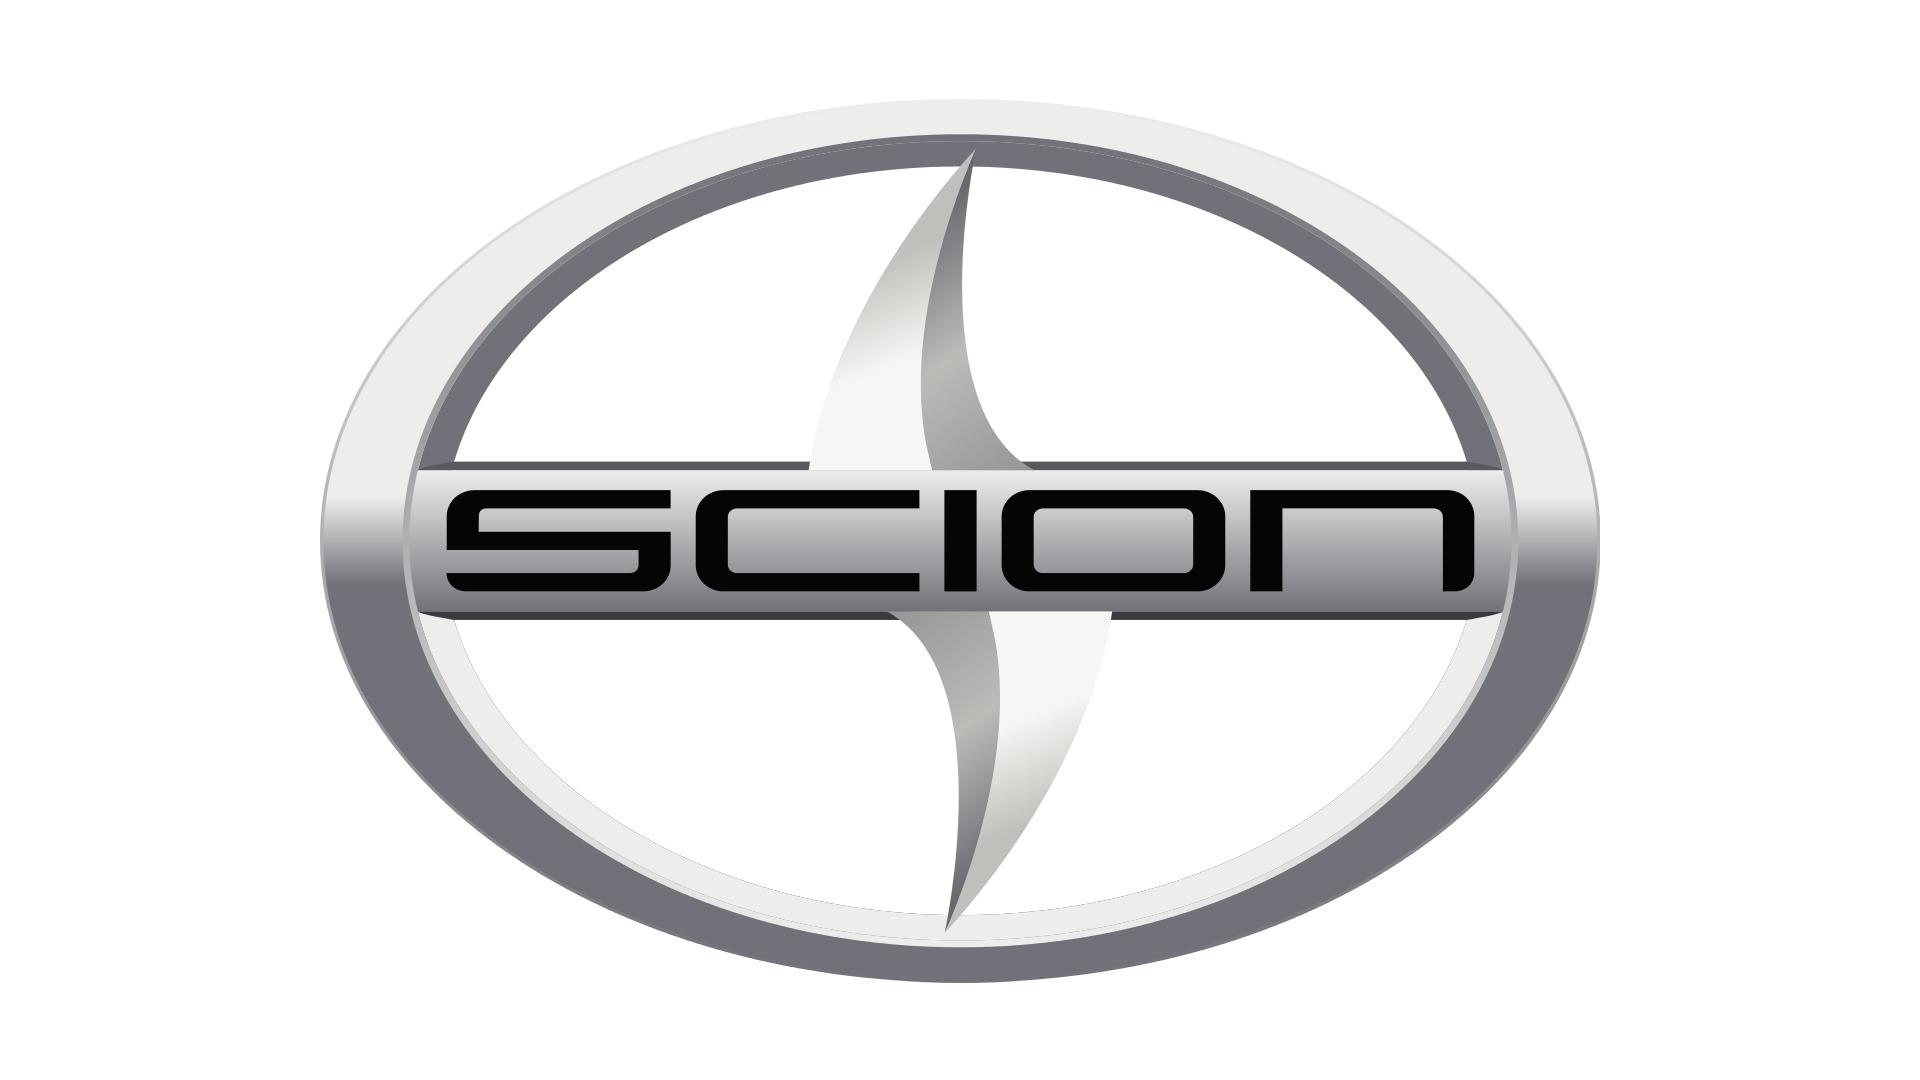 Imagen logo de Scion